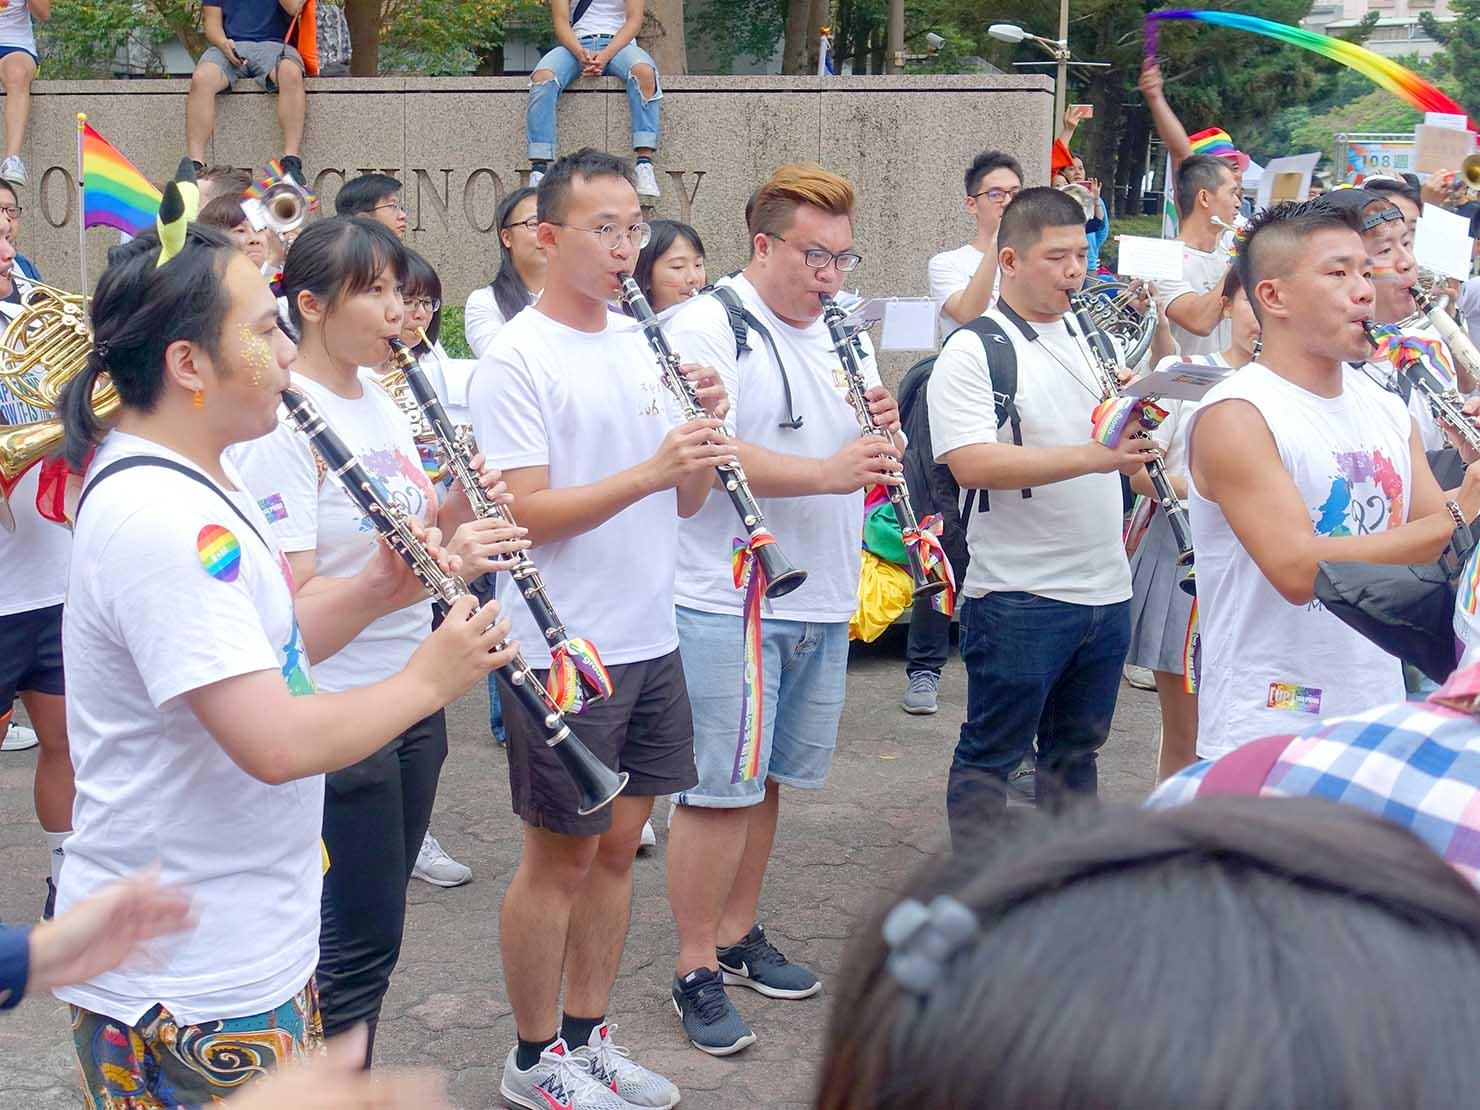 台灣同志遊行(台湾LGBTプライド)2019のパレードで演奏するブラスバンド